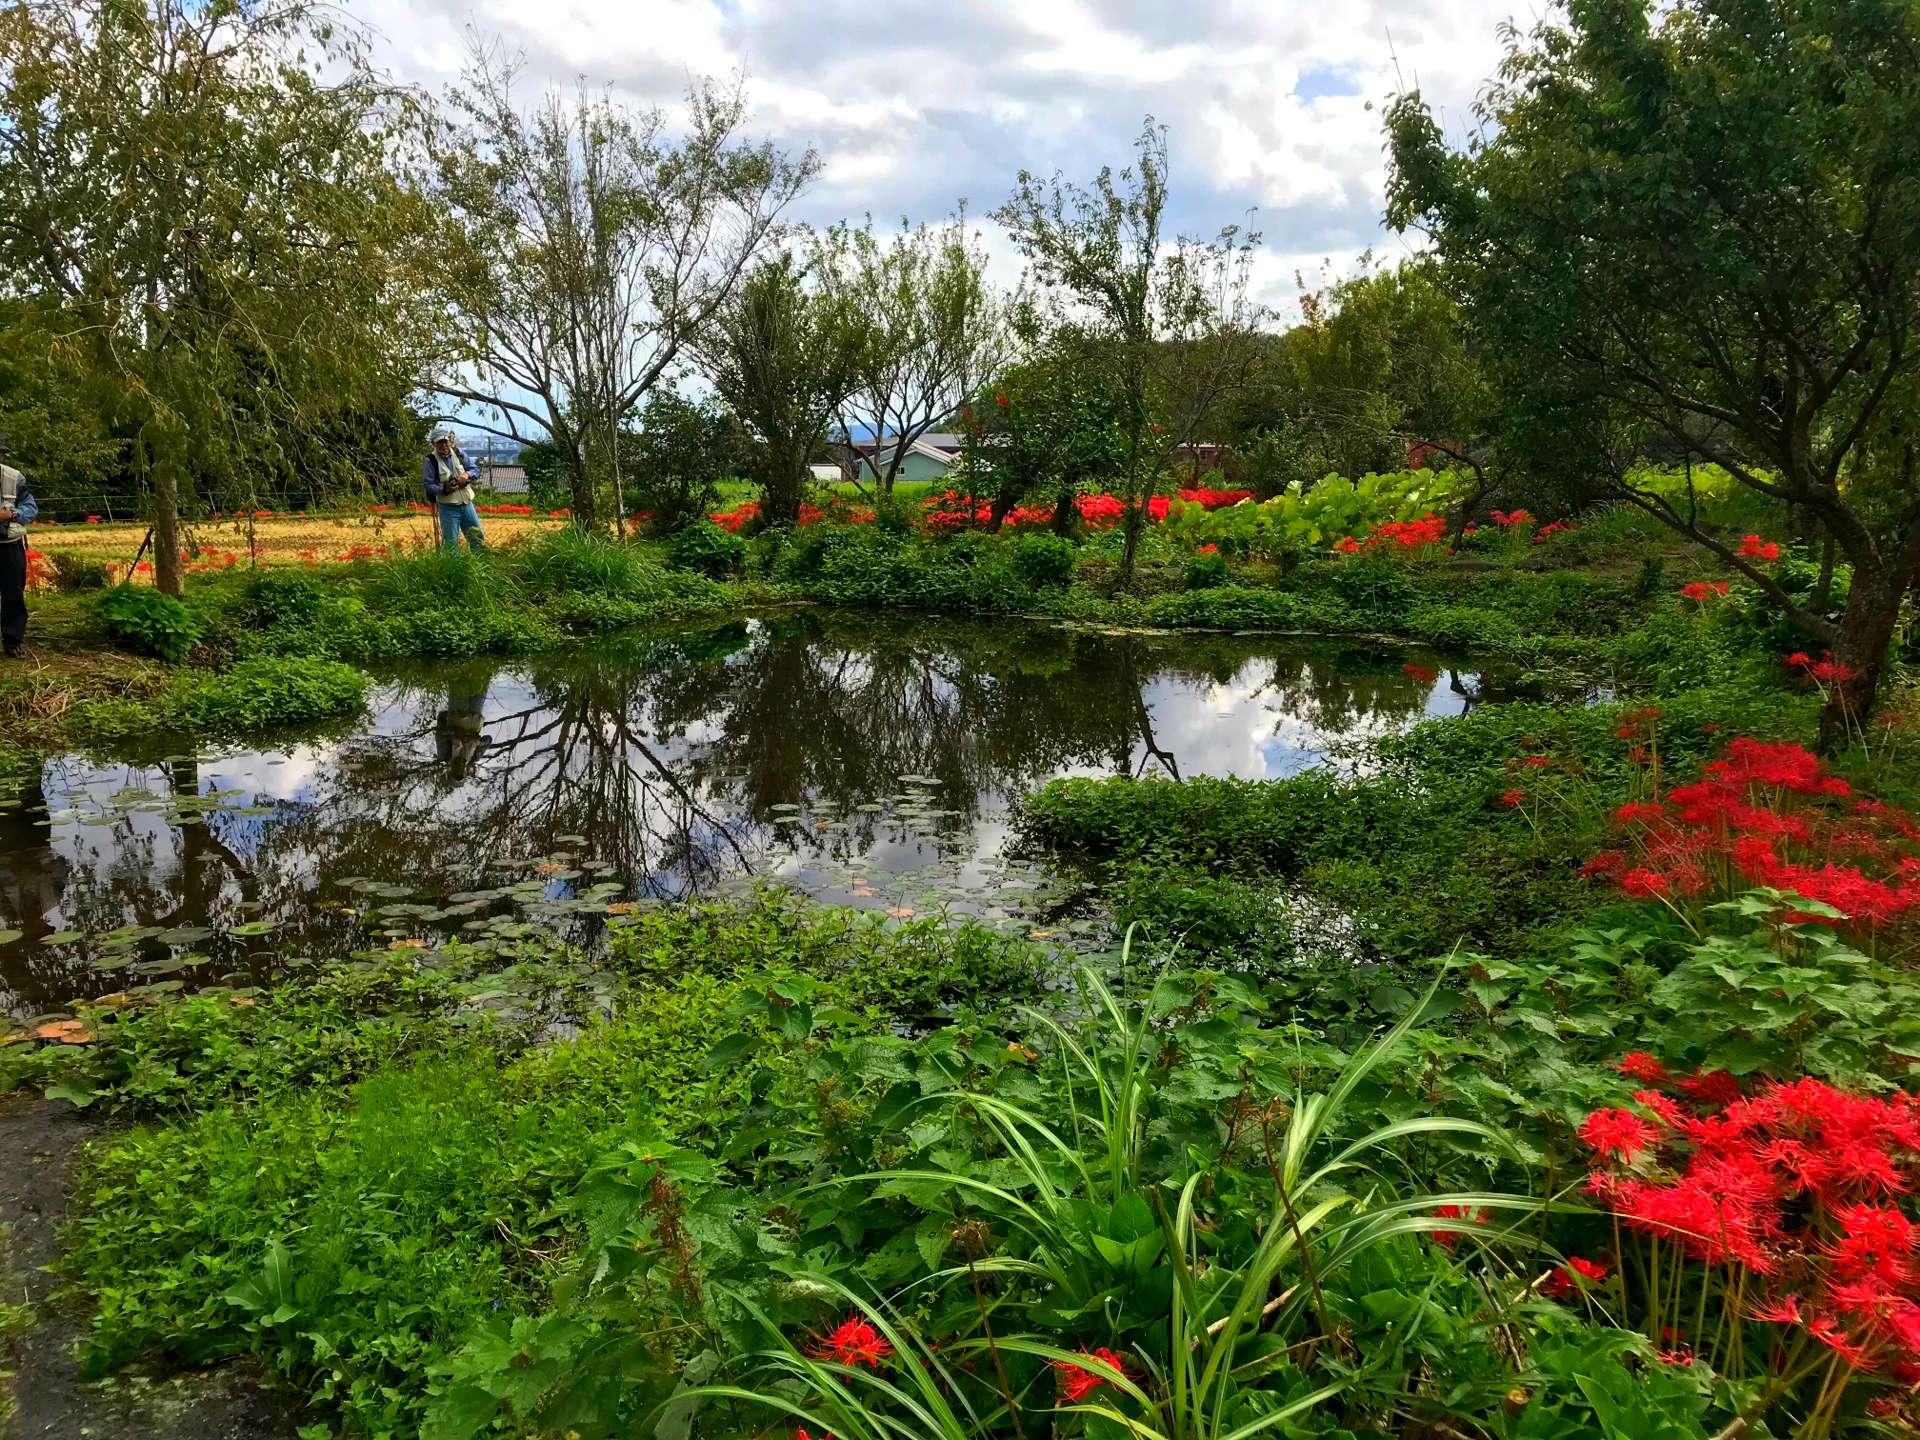 倒映着蓝天白云,树木花草,还有赤红的彼岸花的池塘